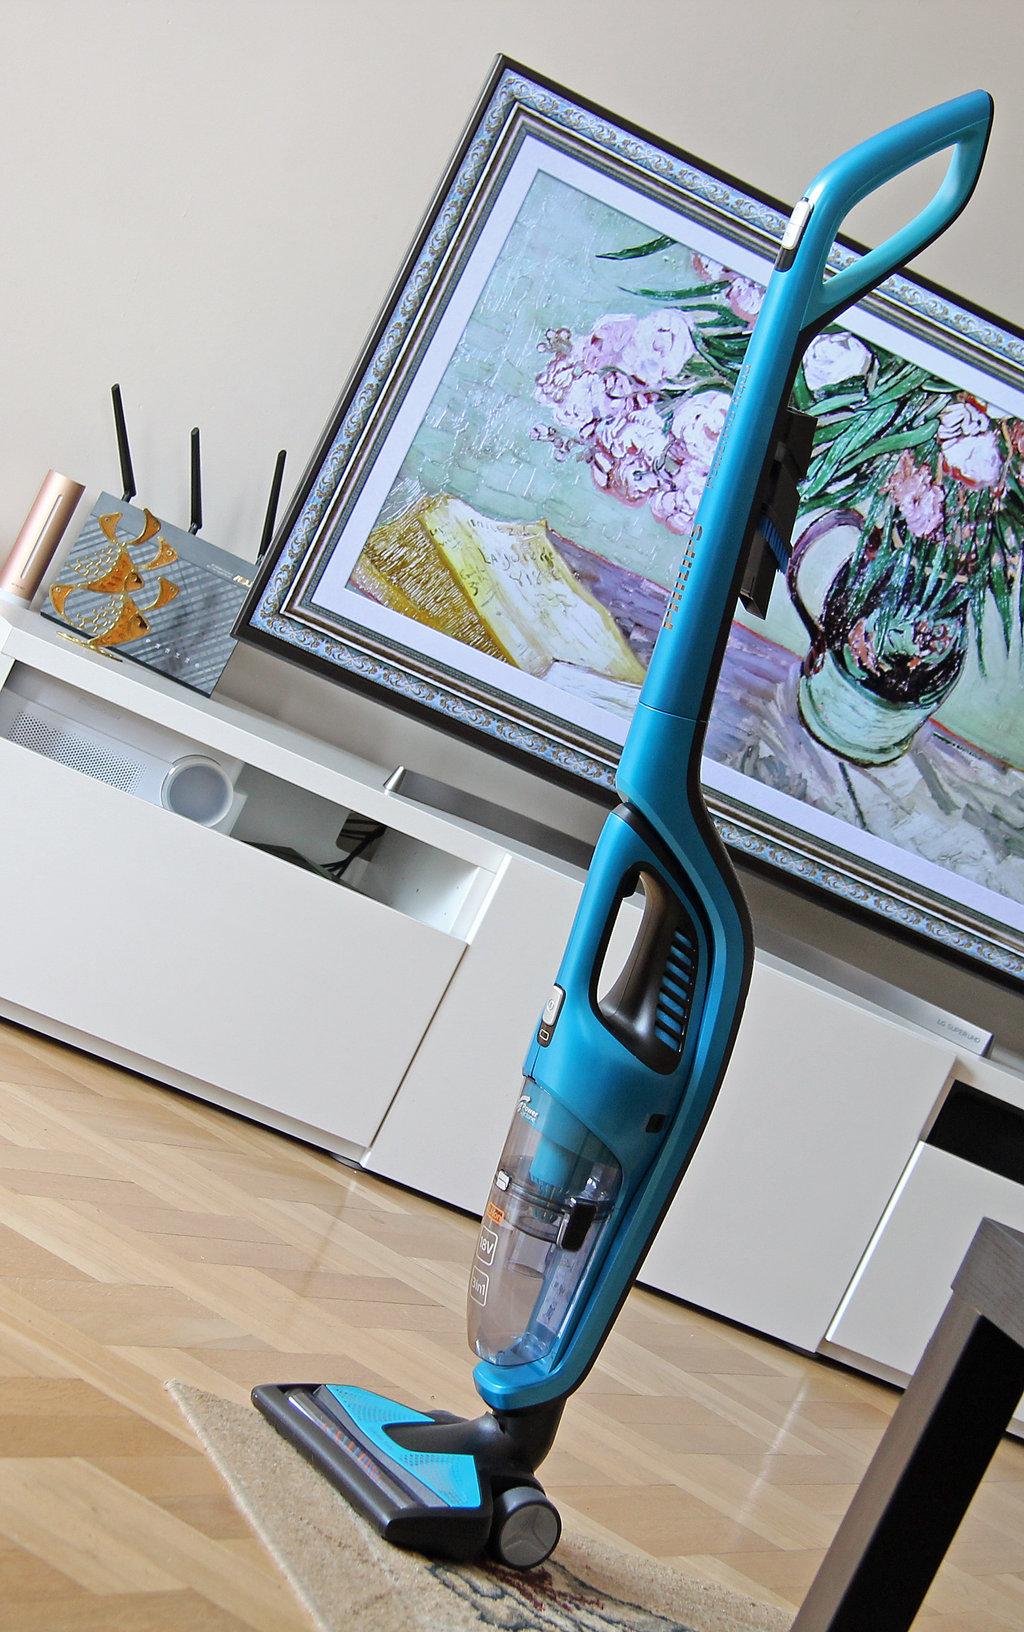 Philips Powerpro Aqua 3w1 Fc6404 Bezprzewodowy Odkurzacz I Mop W